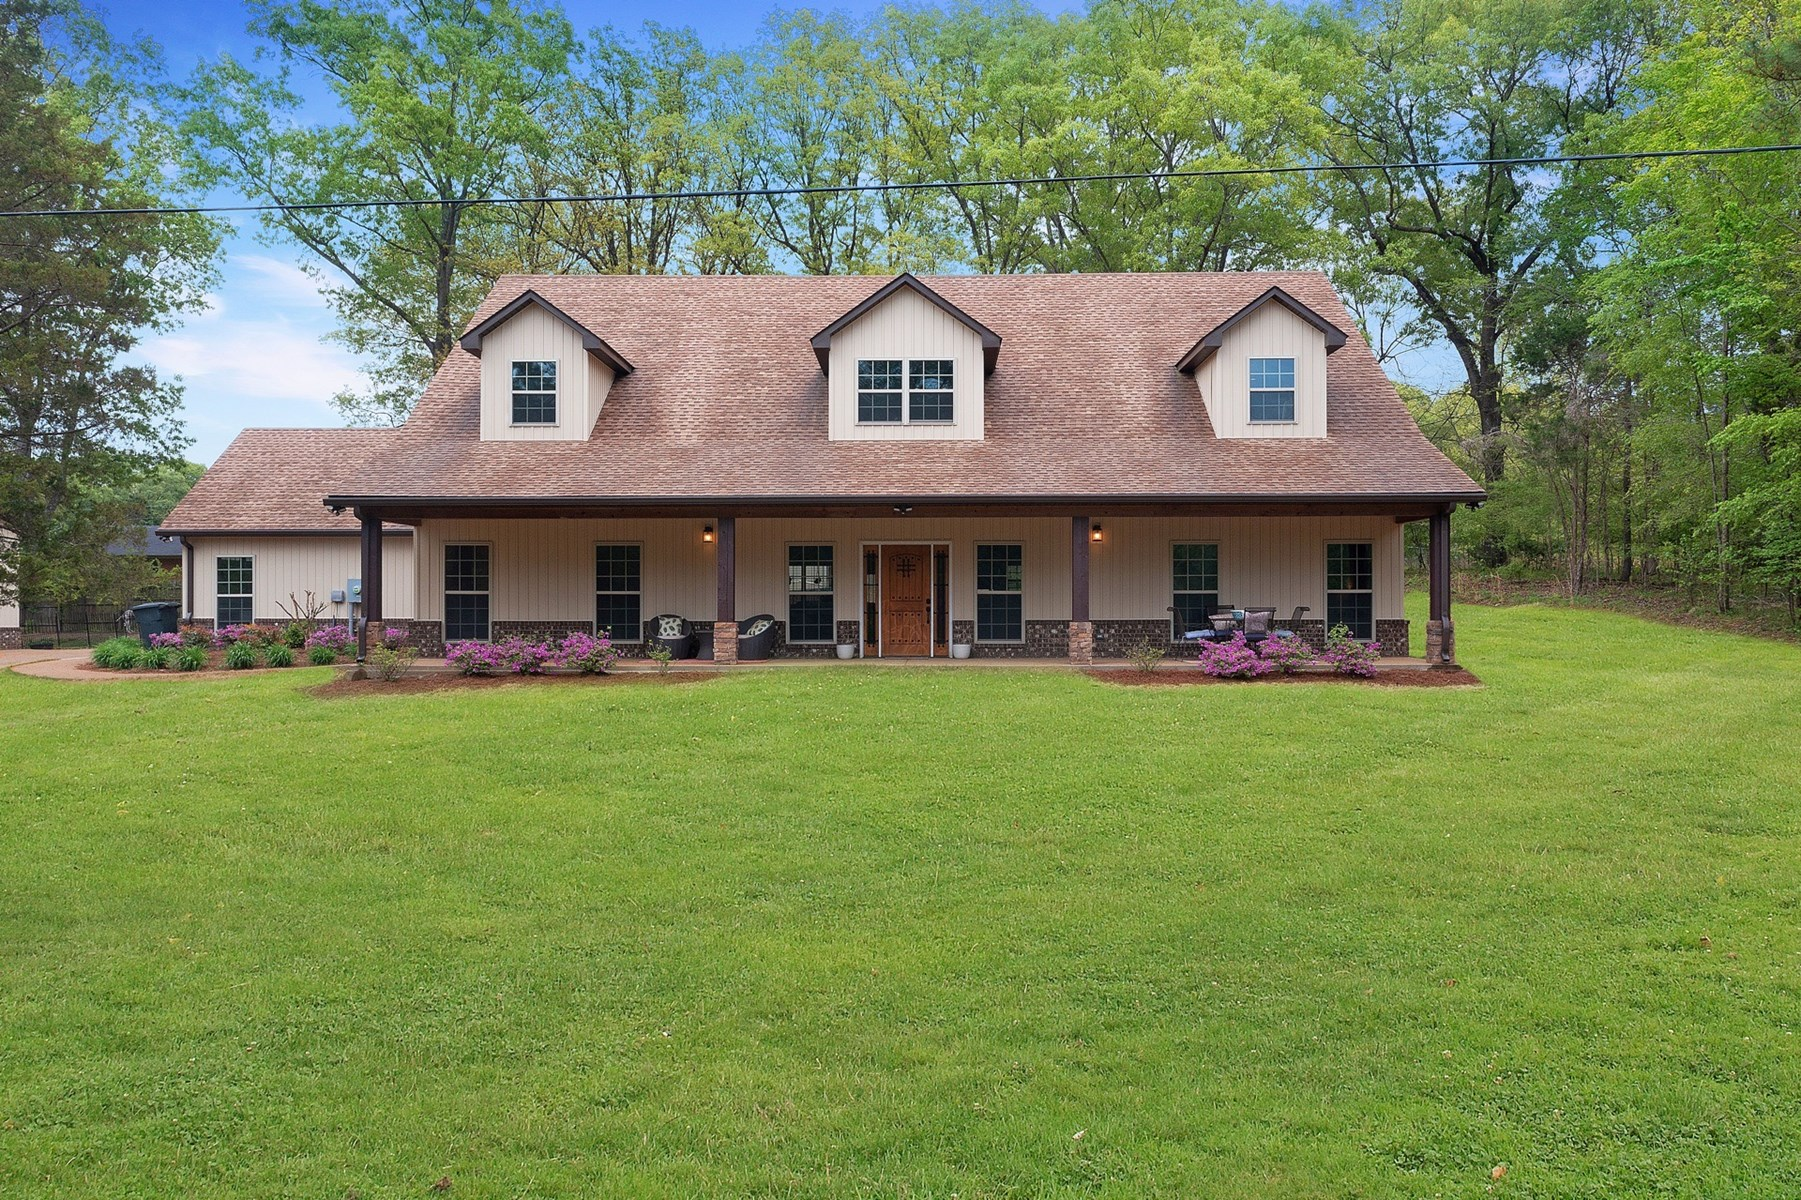 Modern Country Farmhouse for sale with shop near Jackson TN